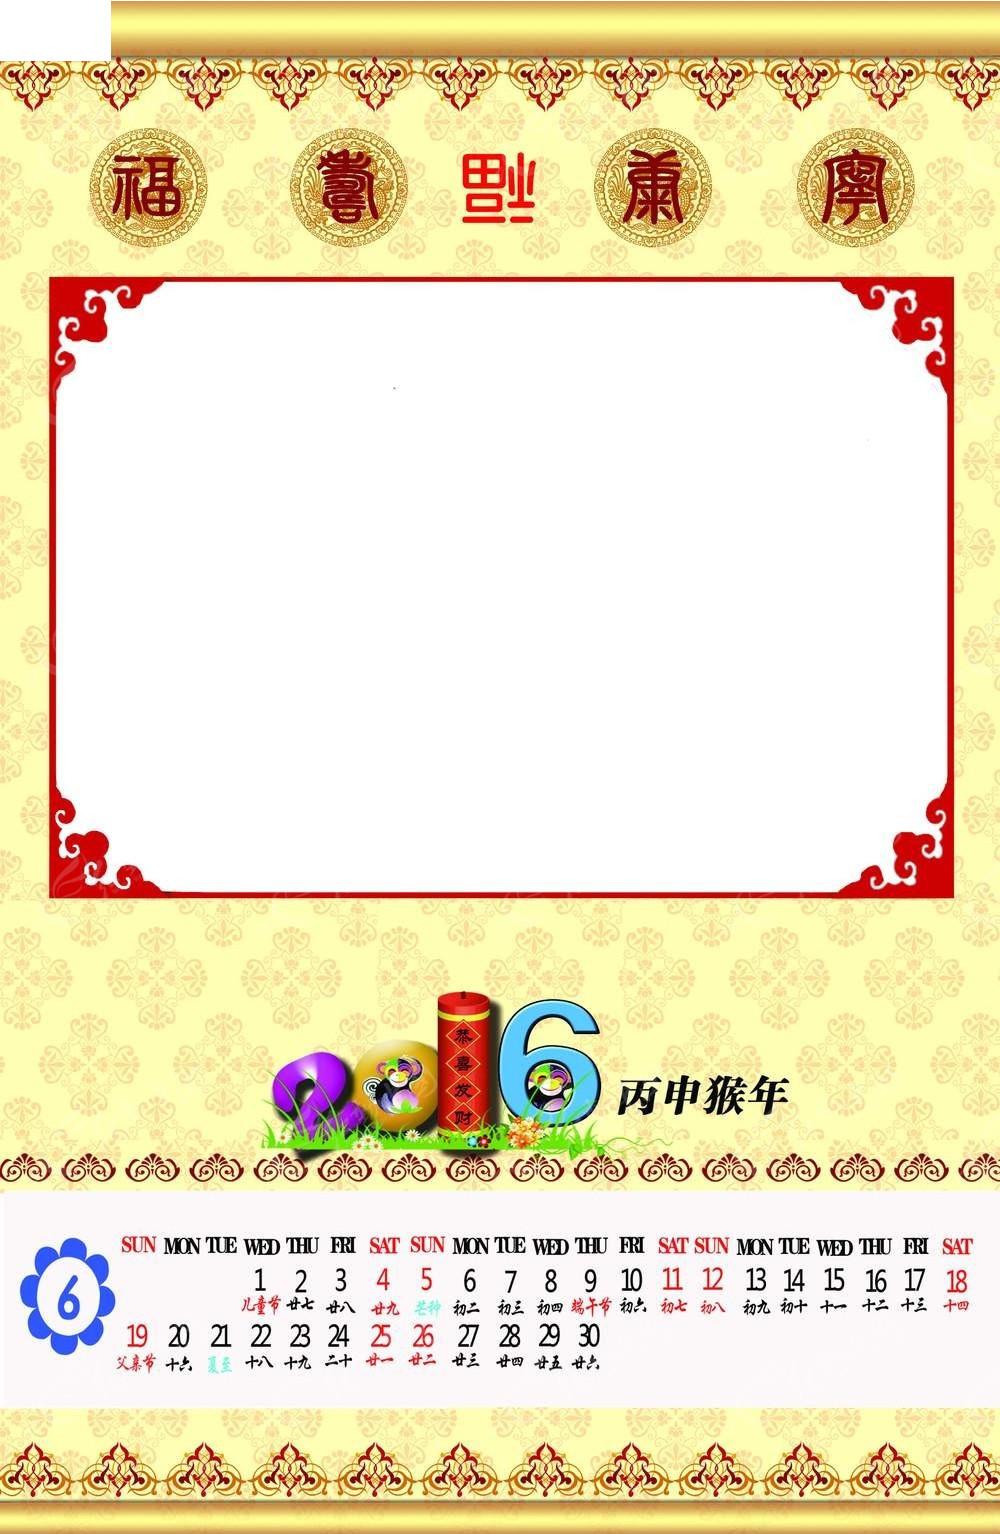 猴年日历设计图片图片